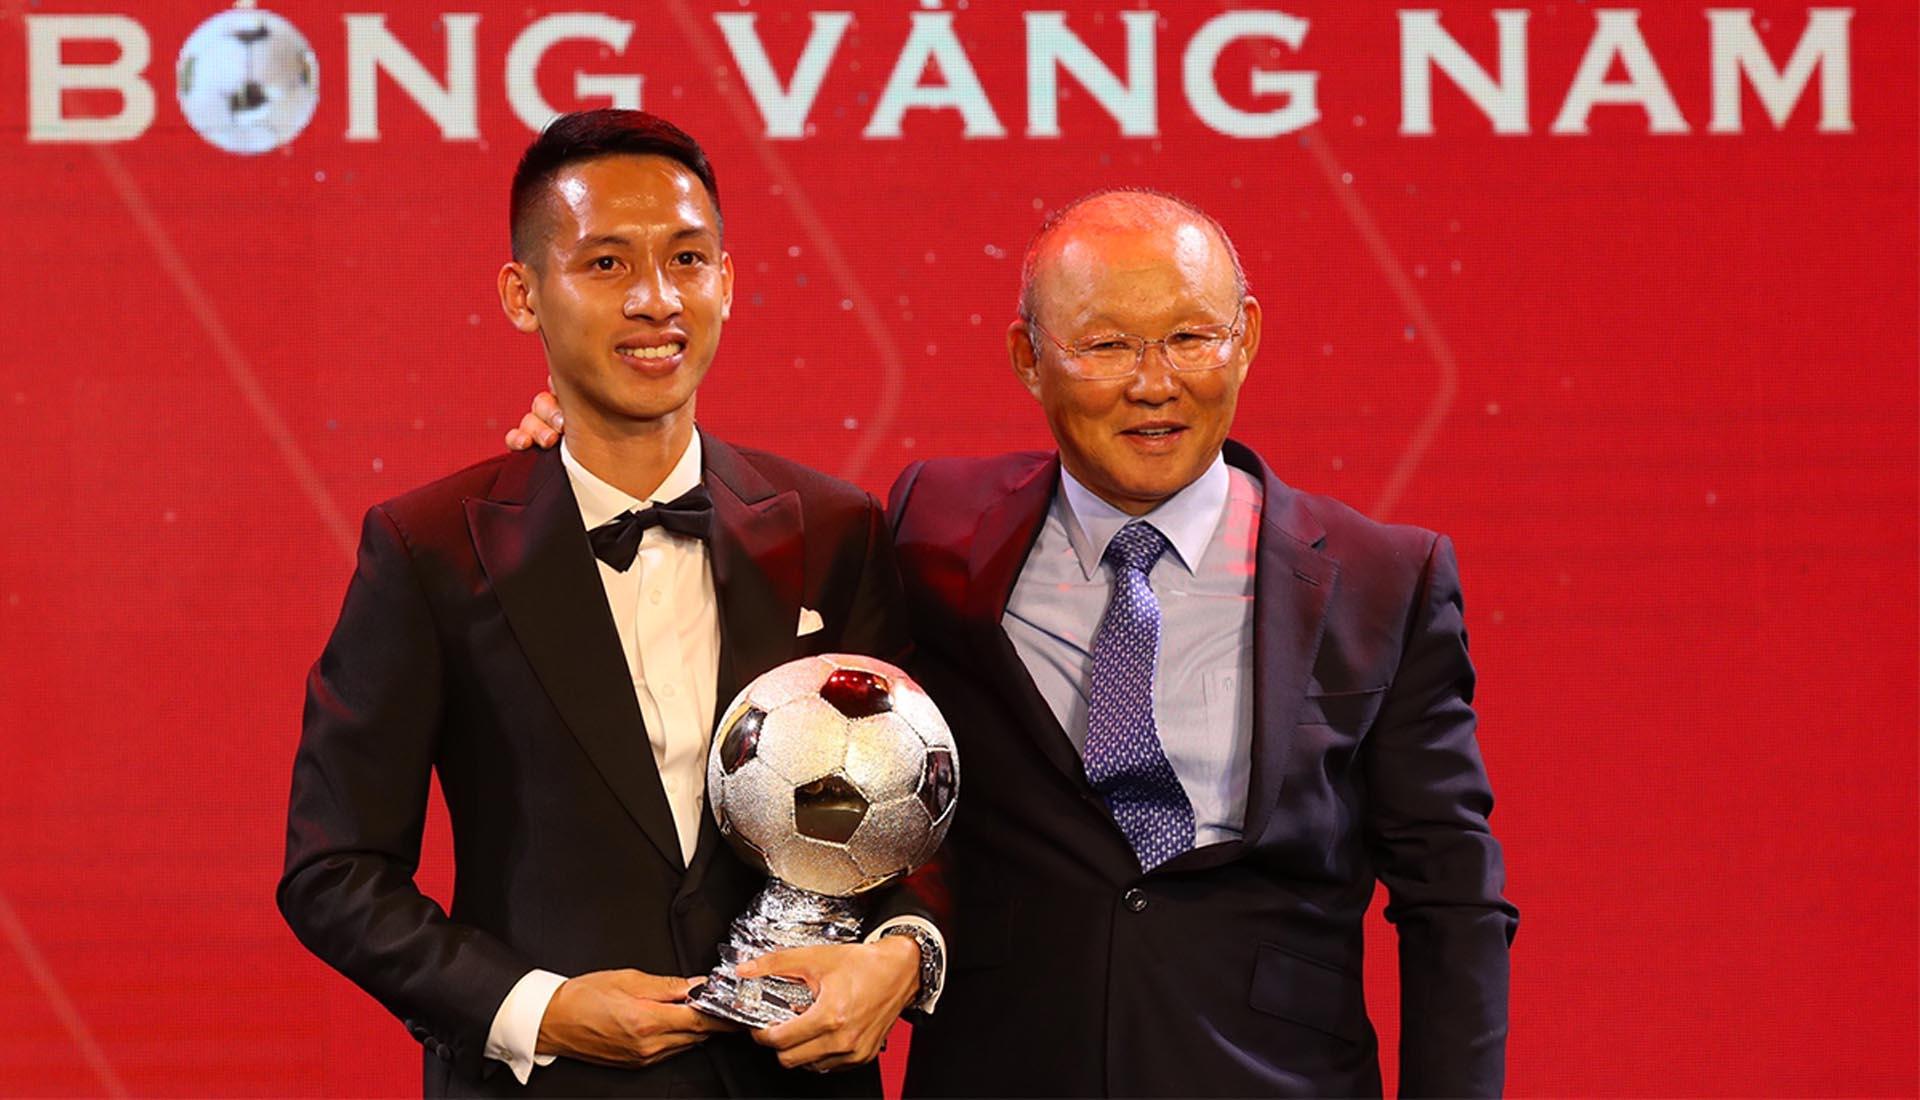 Hùng Dũng xuất sắc giành danh hiệu quả bóng vàng năm 2019